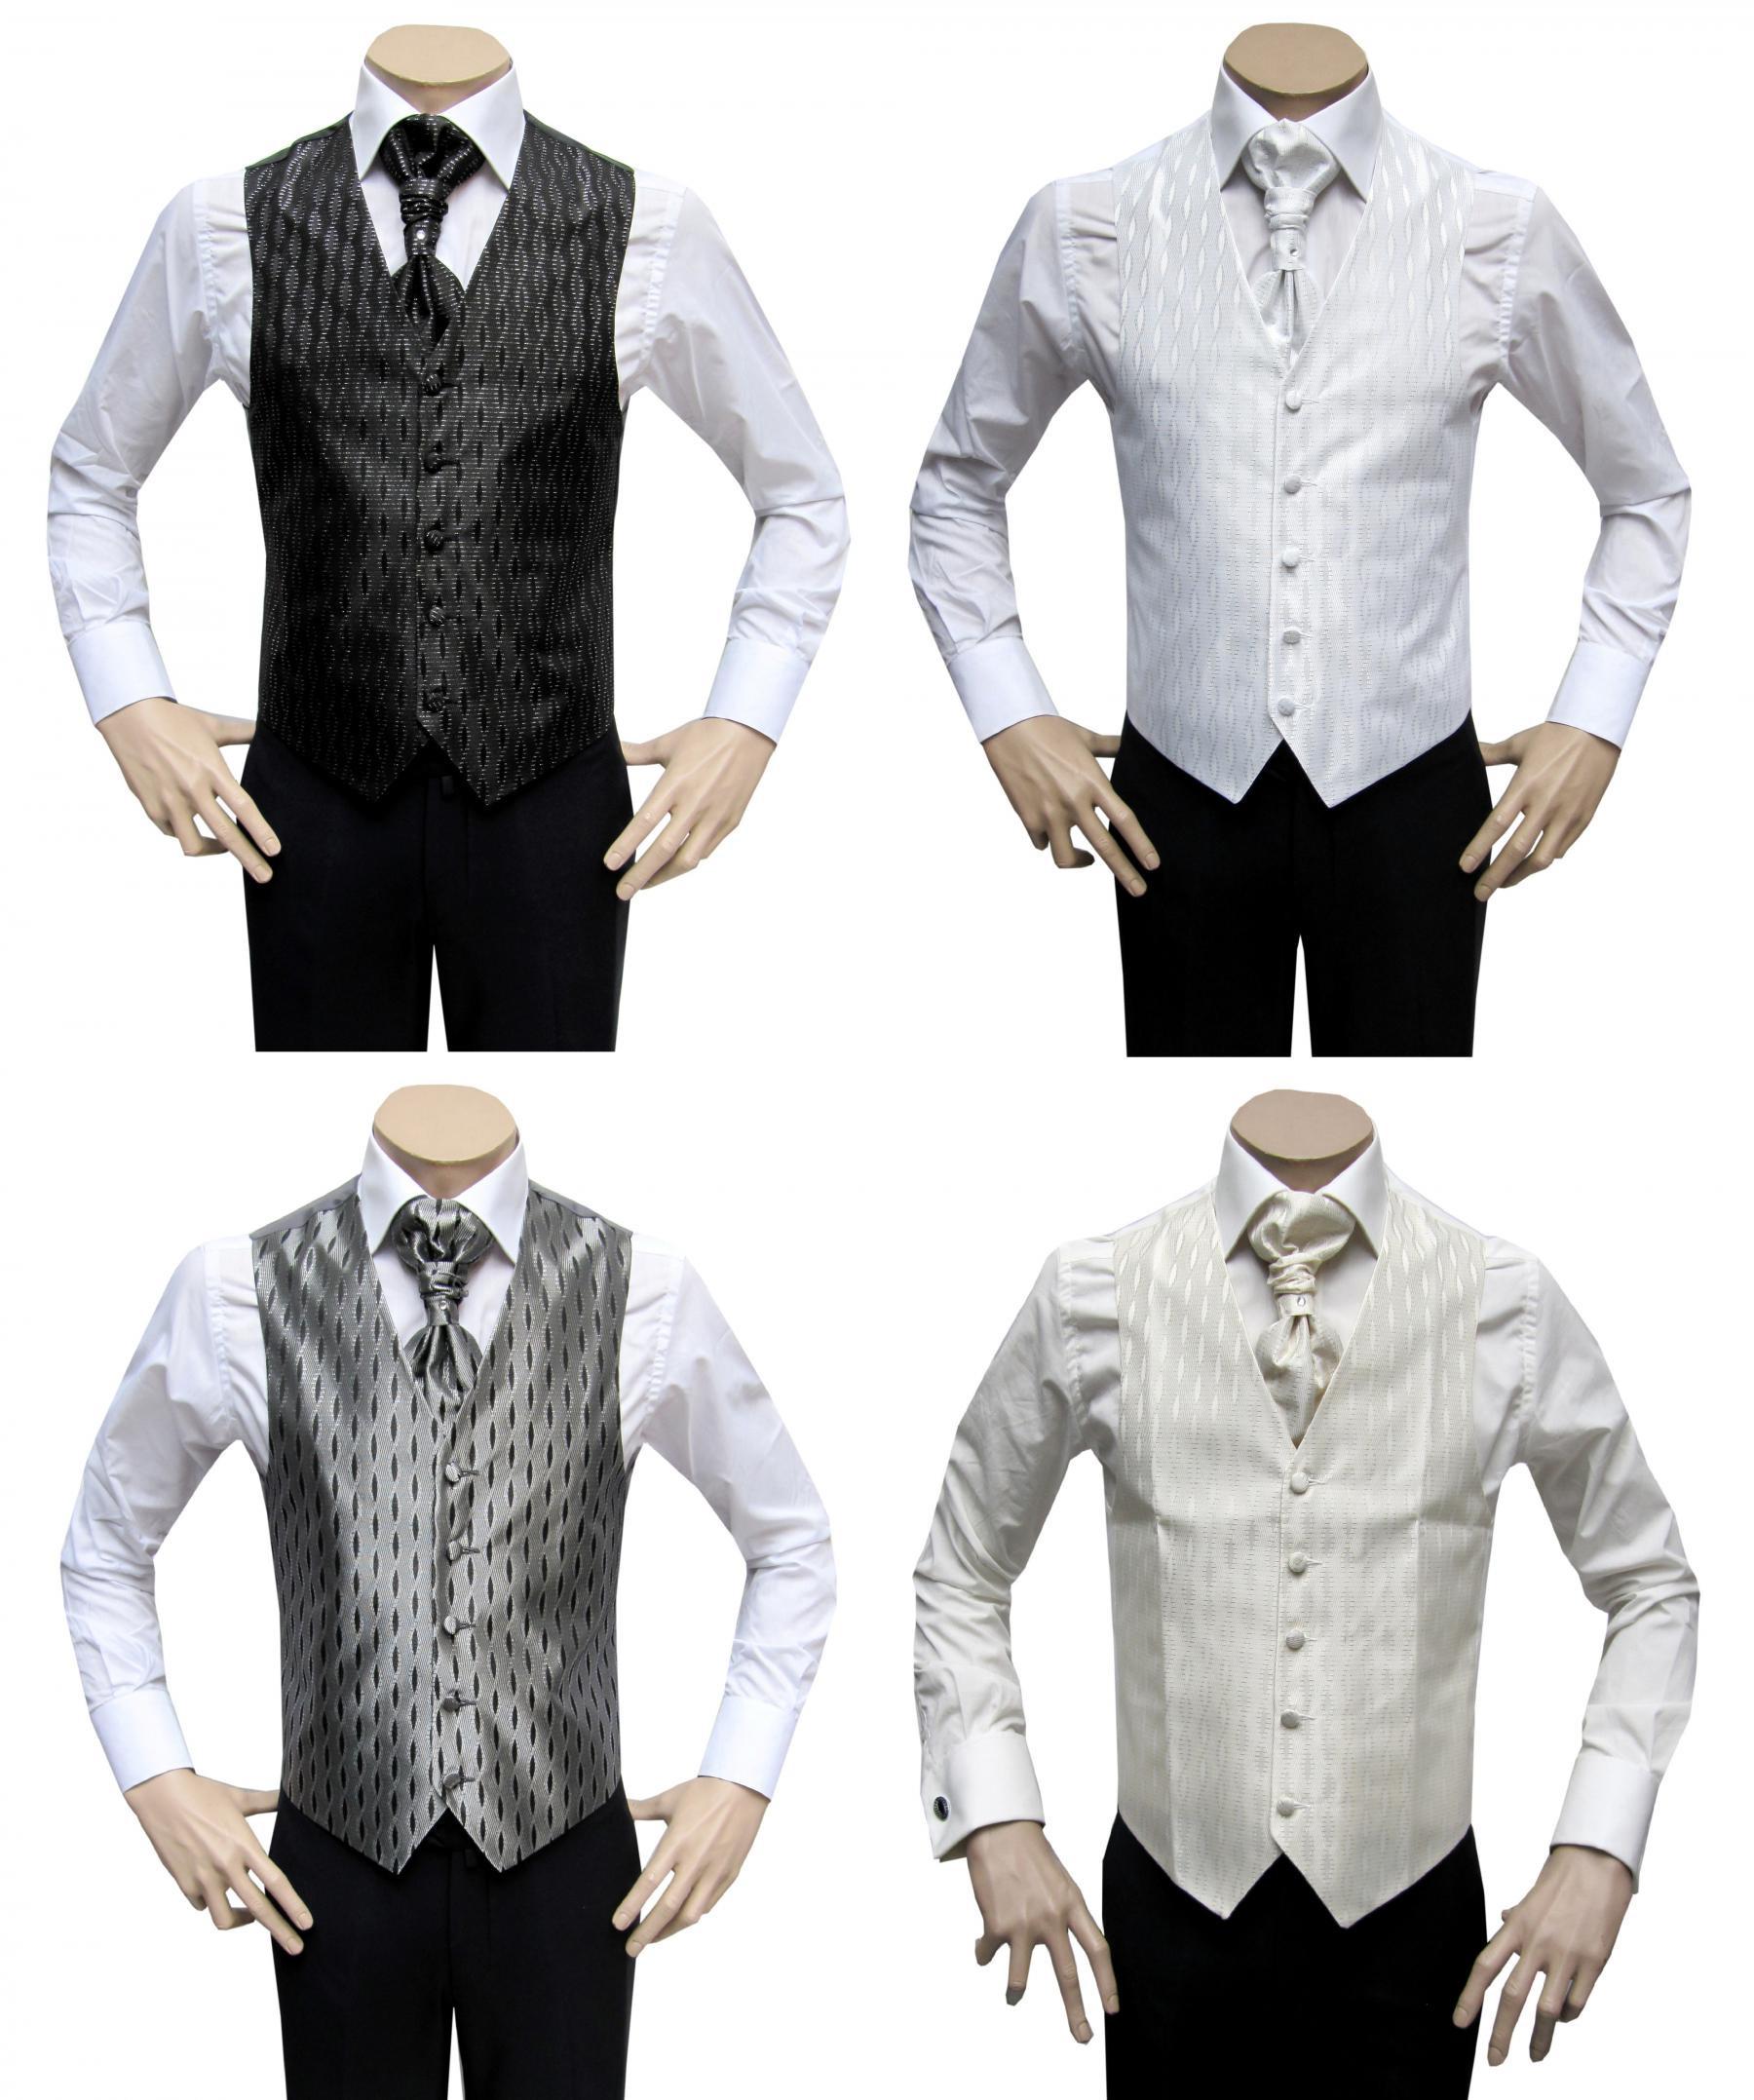 10 Schön Abendbekleidung Herren DesignDesigner Ausgezeichnet Abendbekleidung Herren Bester Preis